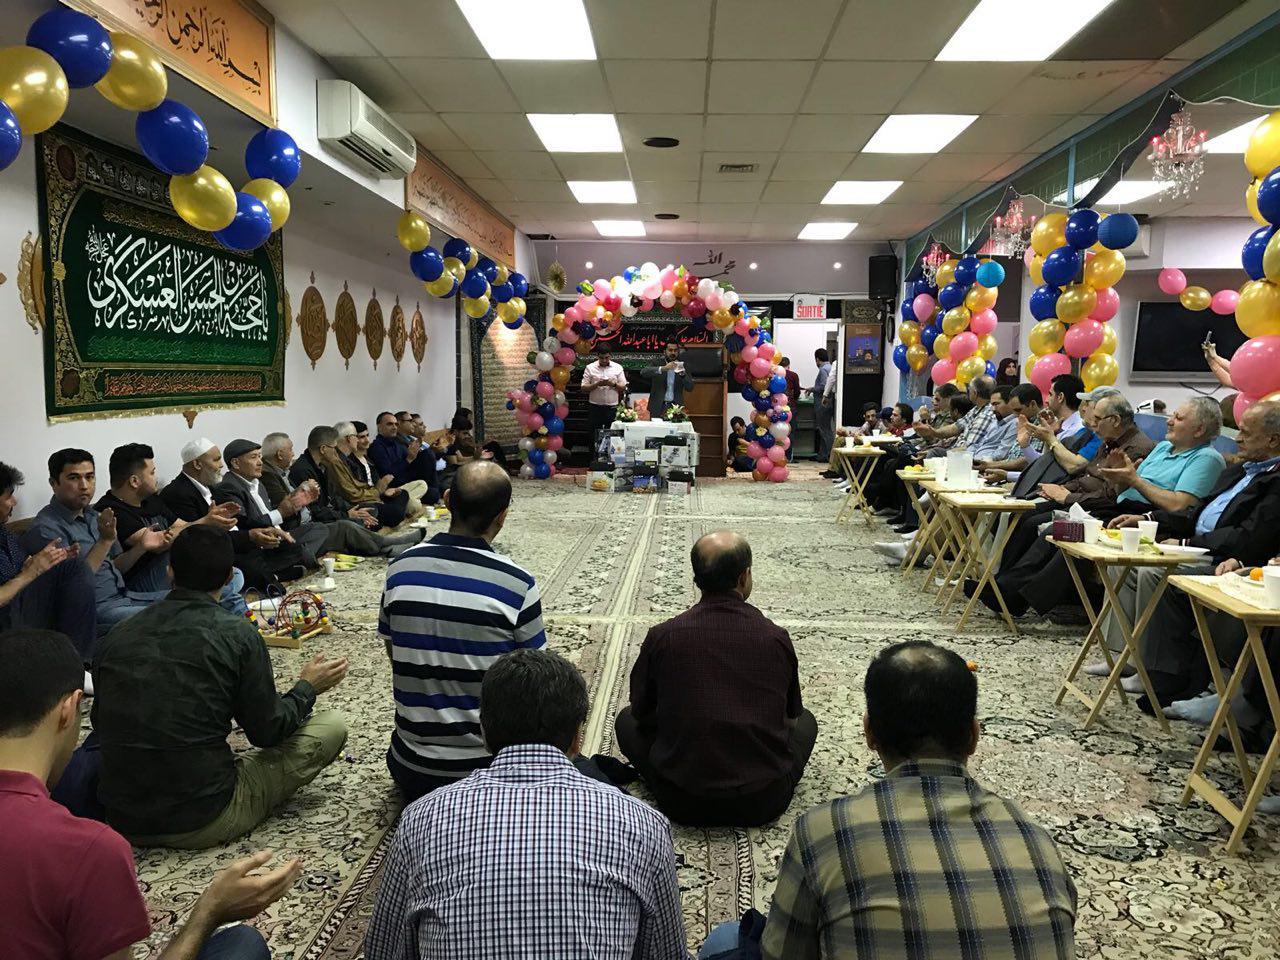 تصویر برگزاری جشن مهدوی در مرکز آیت الله العظمی شیرازی در کانادا